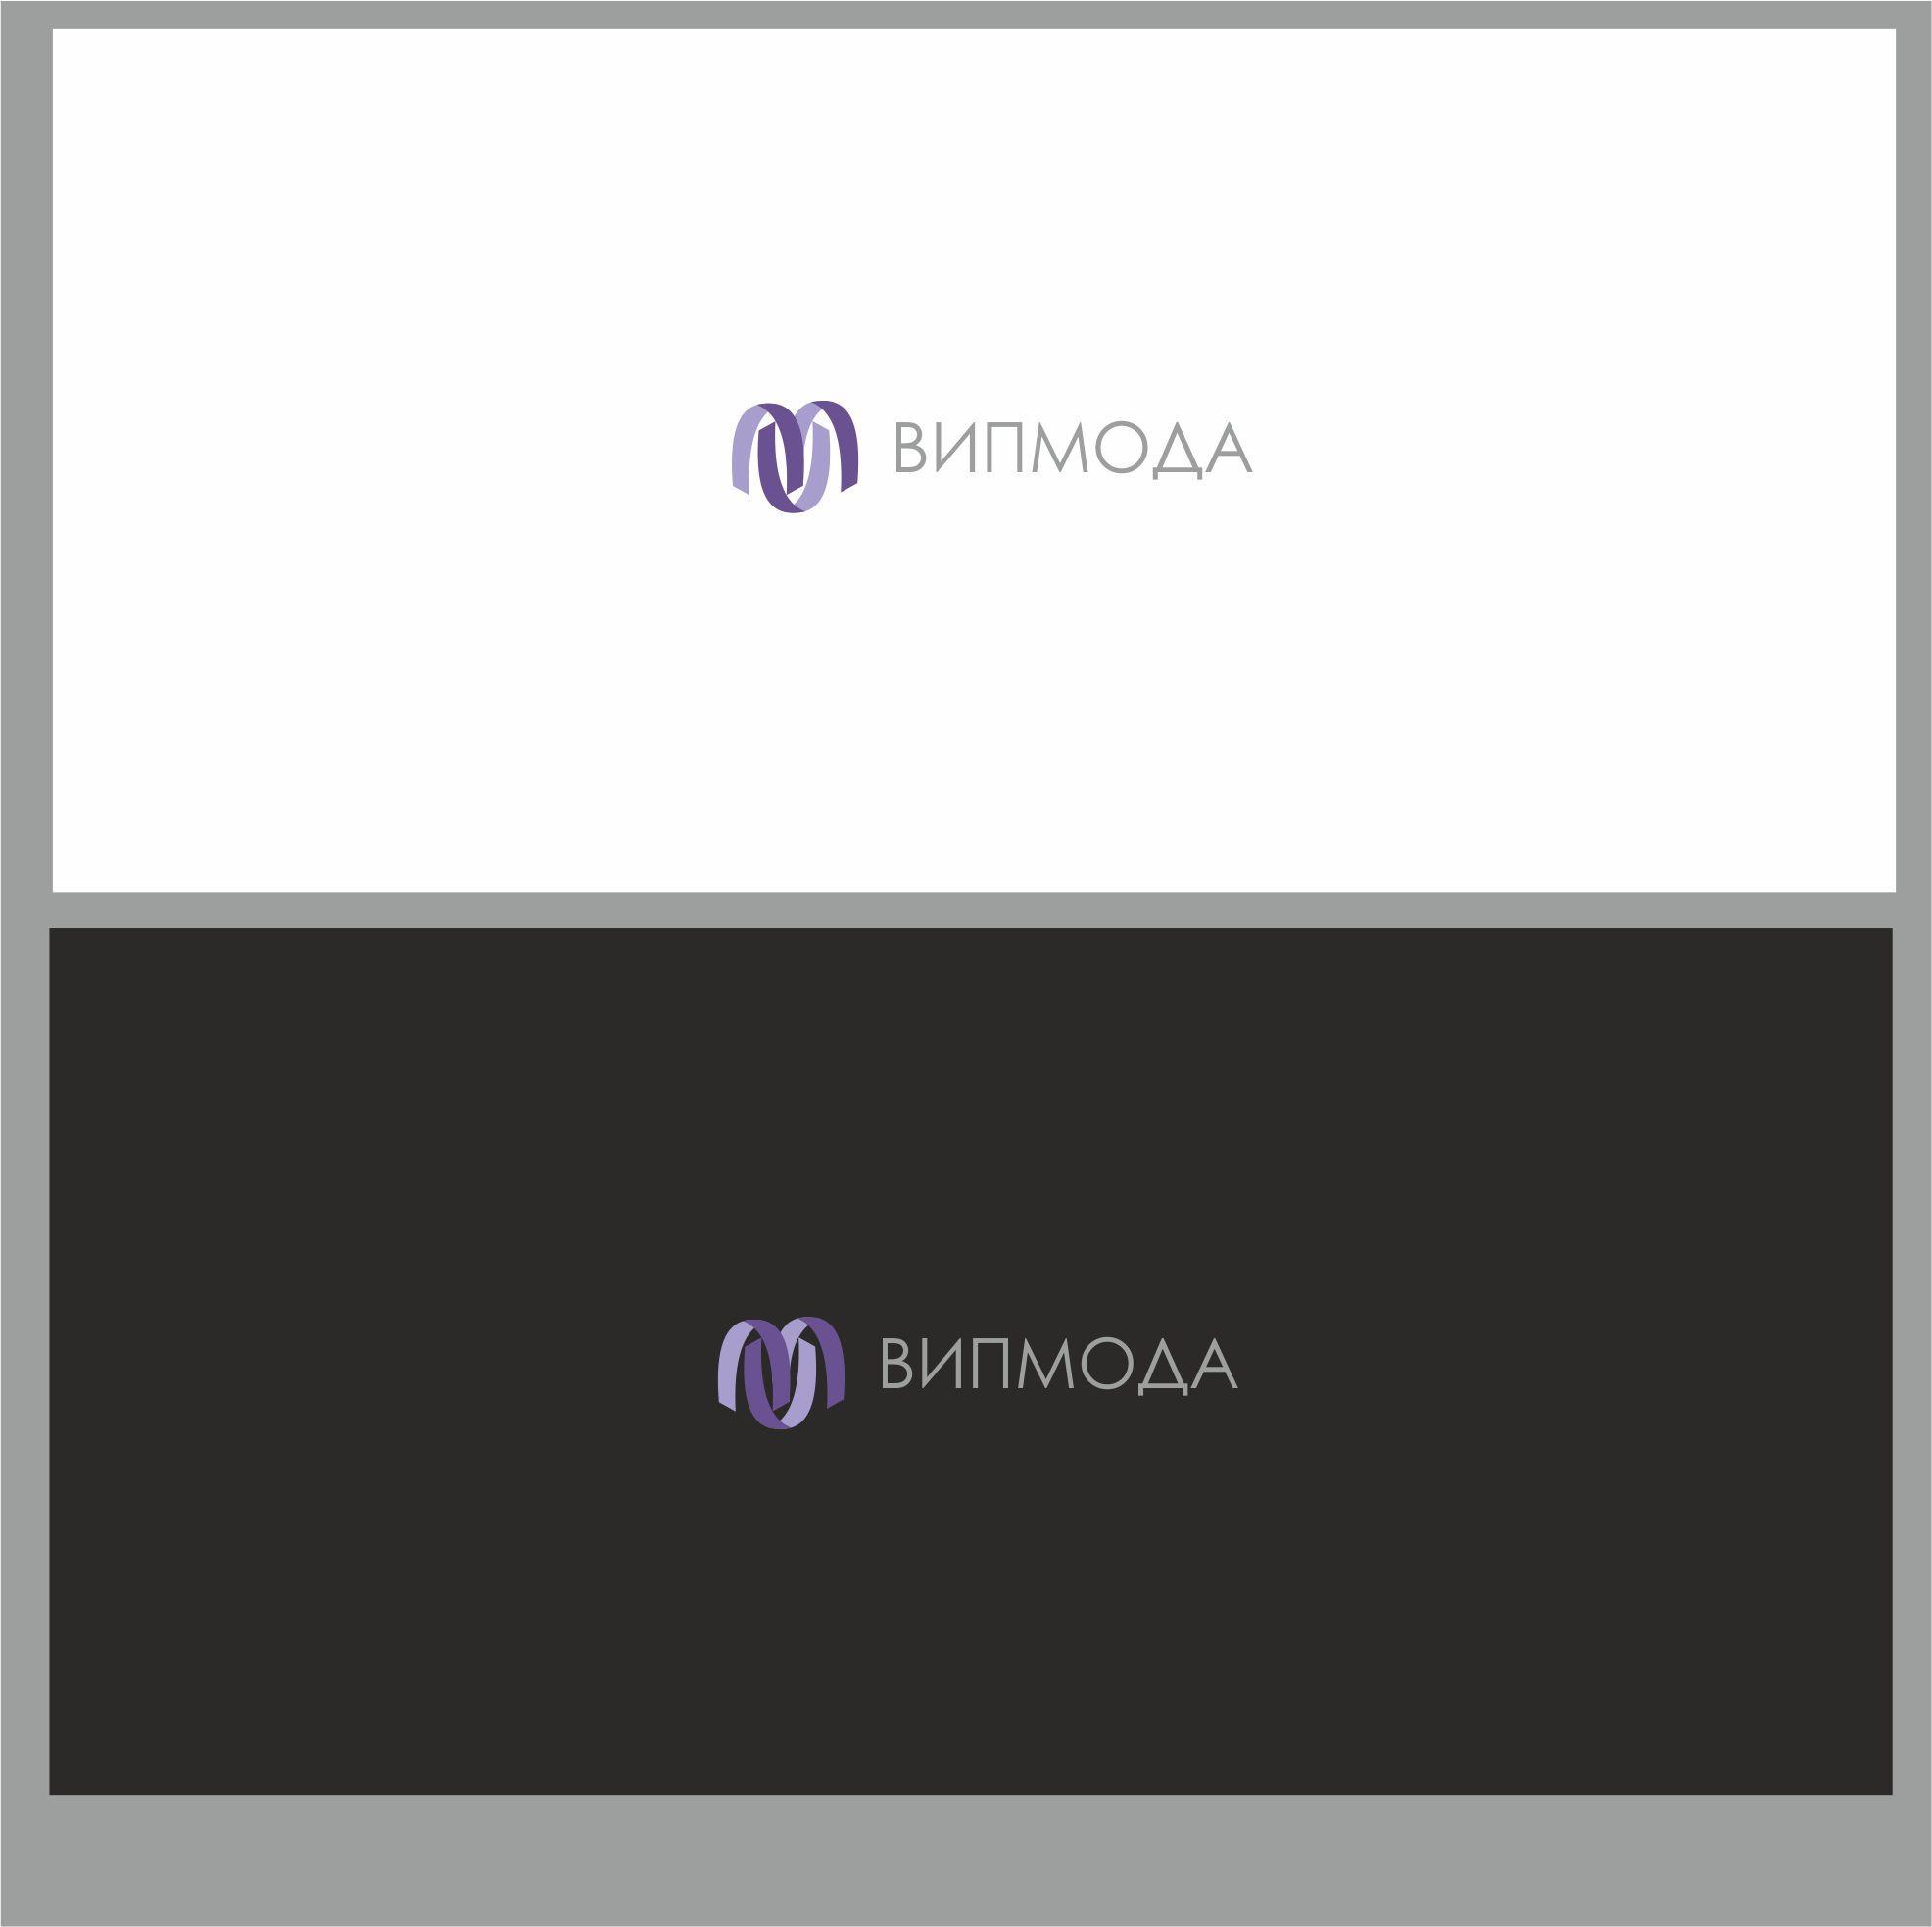 Лого и фирменный стиль компании ВИПМОДА  - дизайнер dbyjuhfl